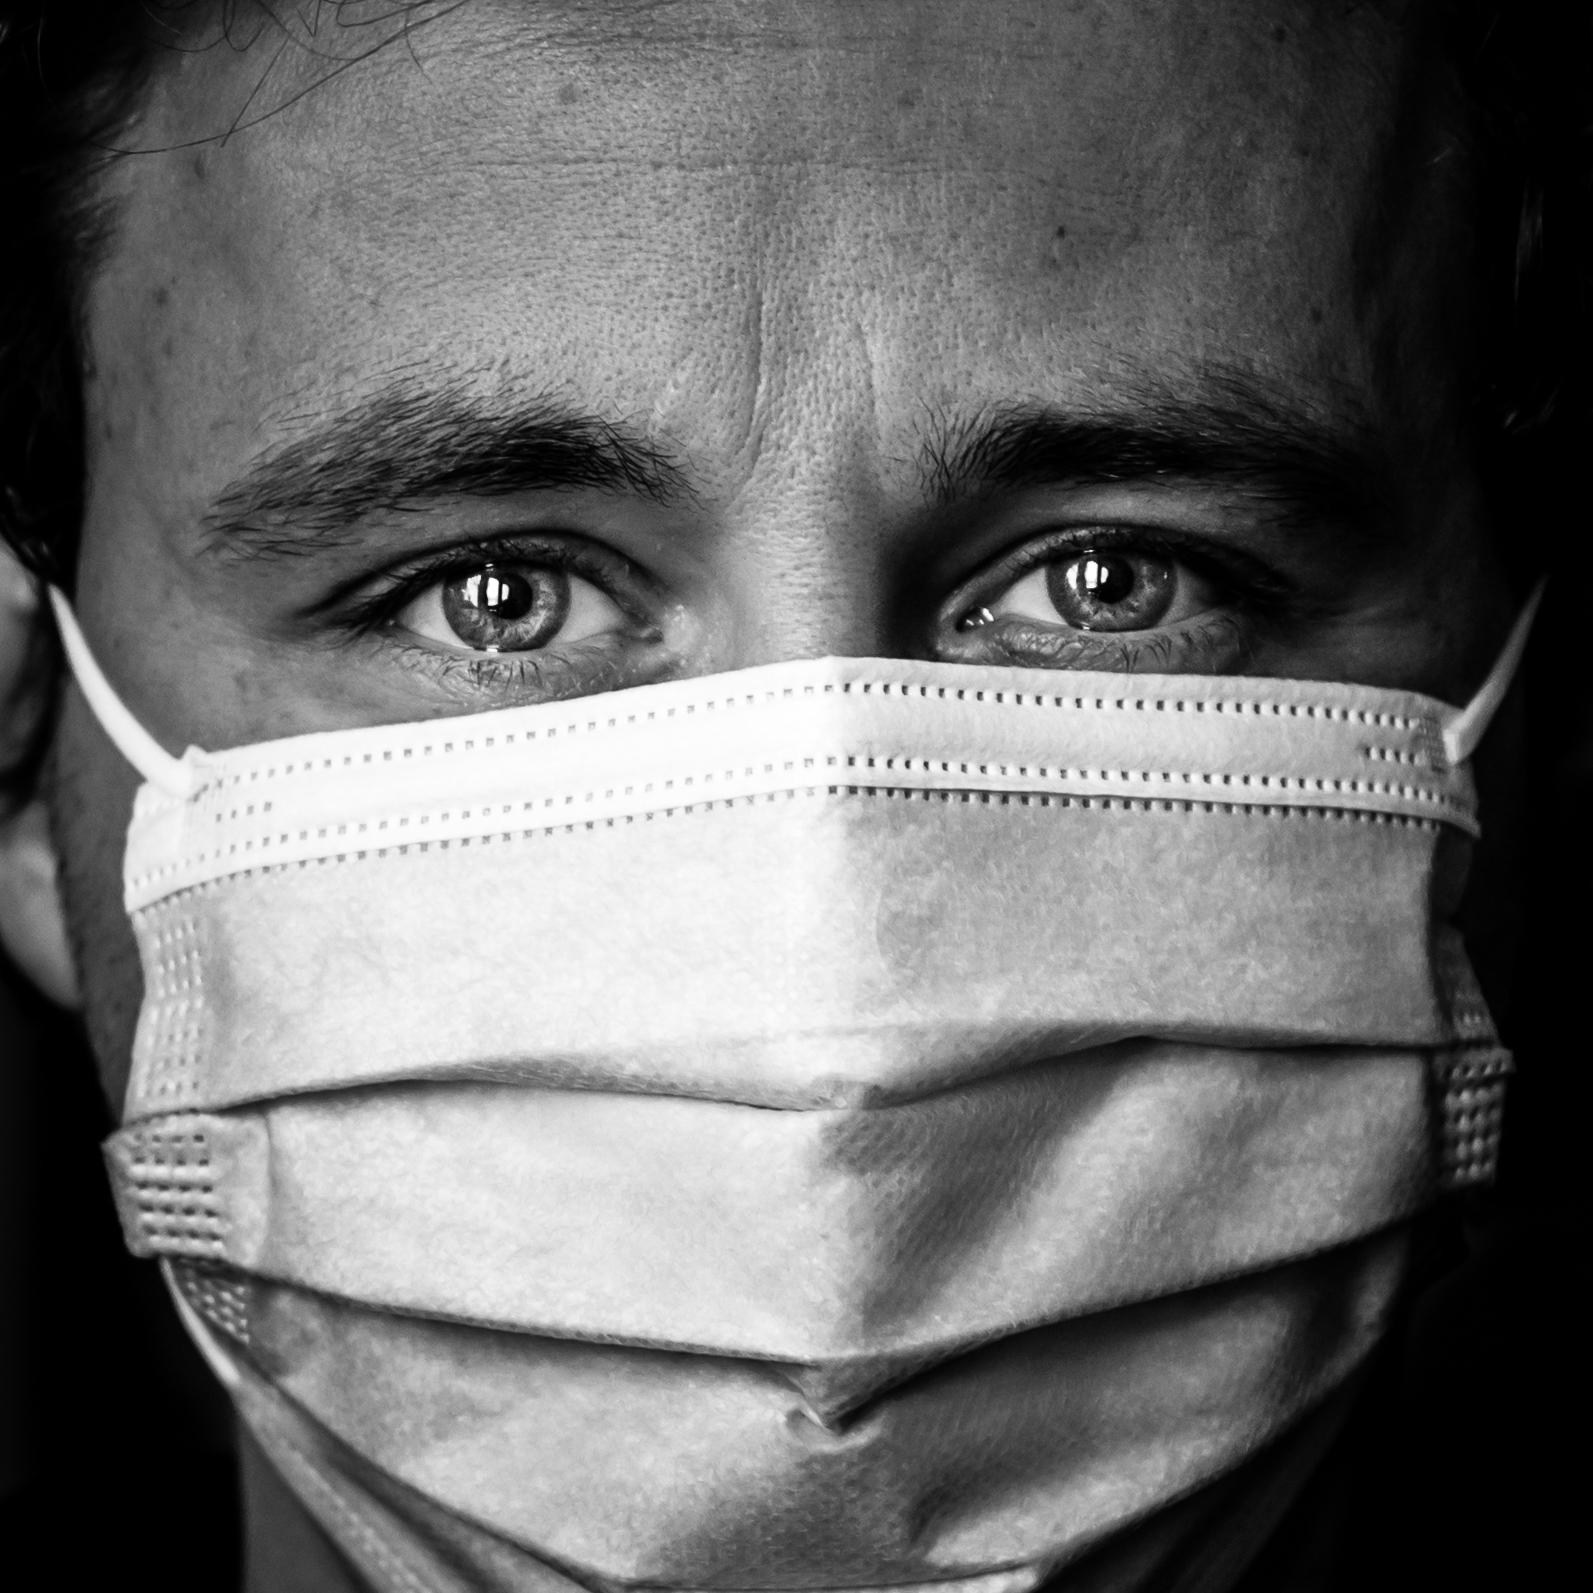 Daniel van Elsas – Mask Portrait Series (Ashkan Mortezapour Photography) (1 of 1)